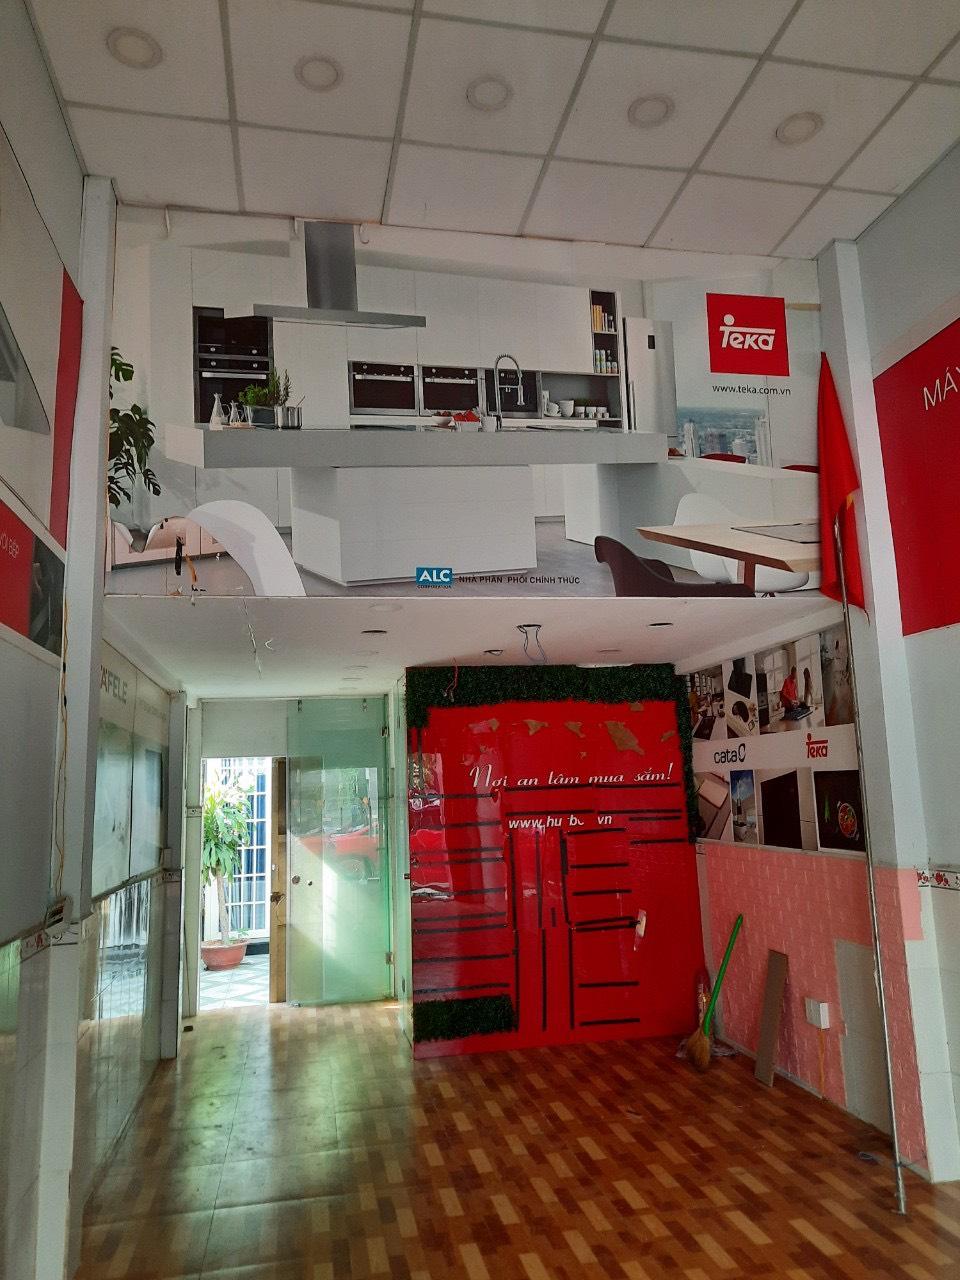 Mặt bằng kinh doanh 44m2 Nguyễn Thị Thập  giá chỉ 18 triệu/1 tháng: 0909 837 449